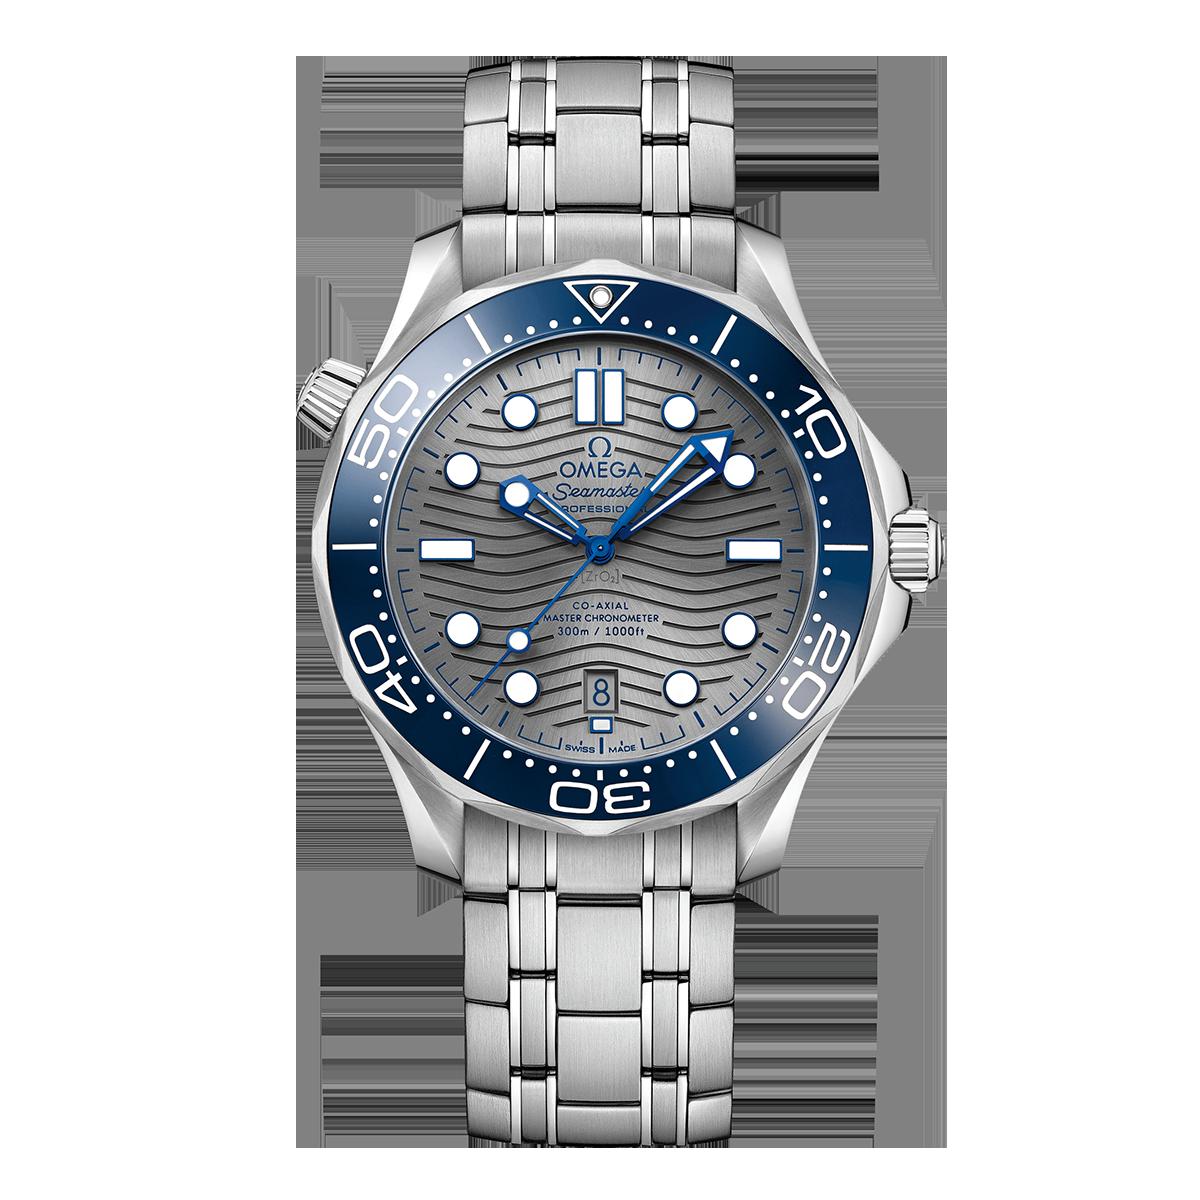 omega-seamaster-diver-300m-omega-co-axial-42-mm-21030422006001-1_hos Jarl Sandin